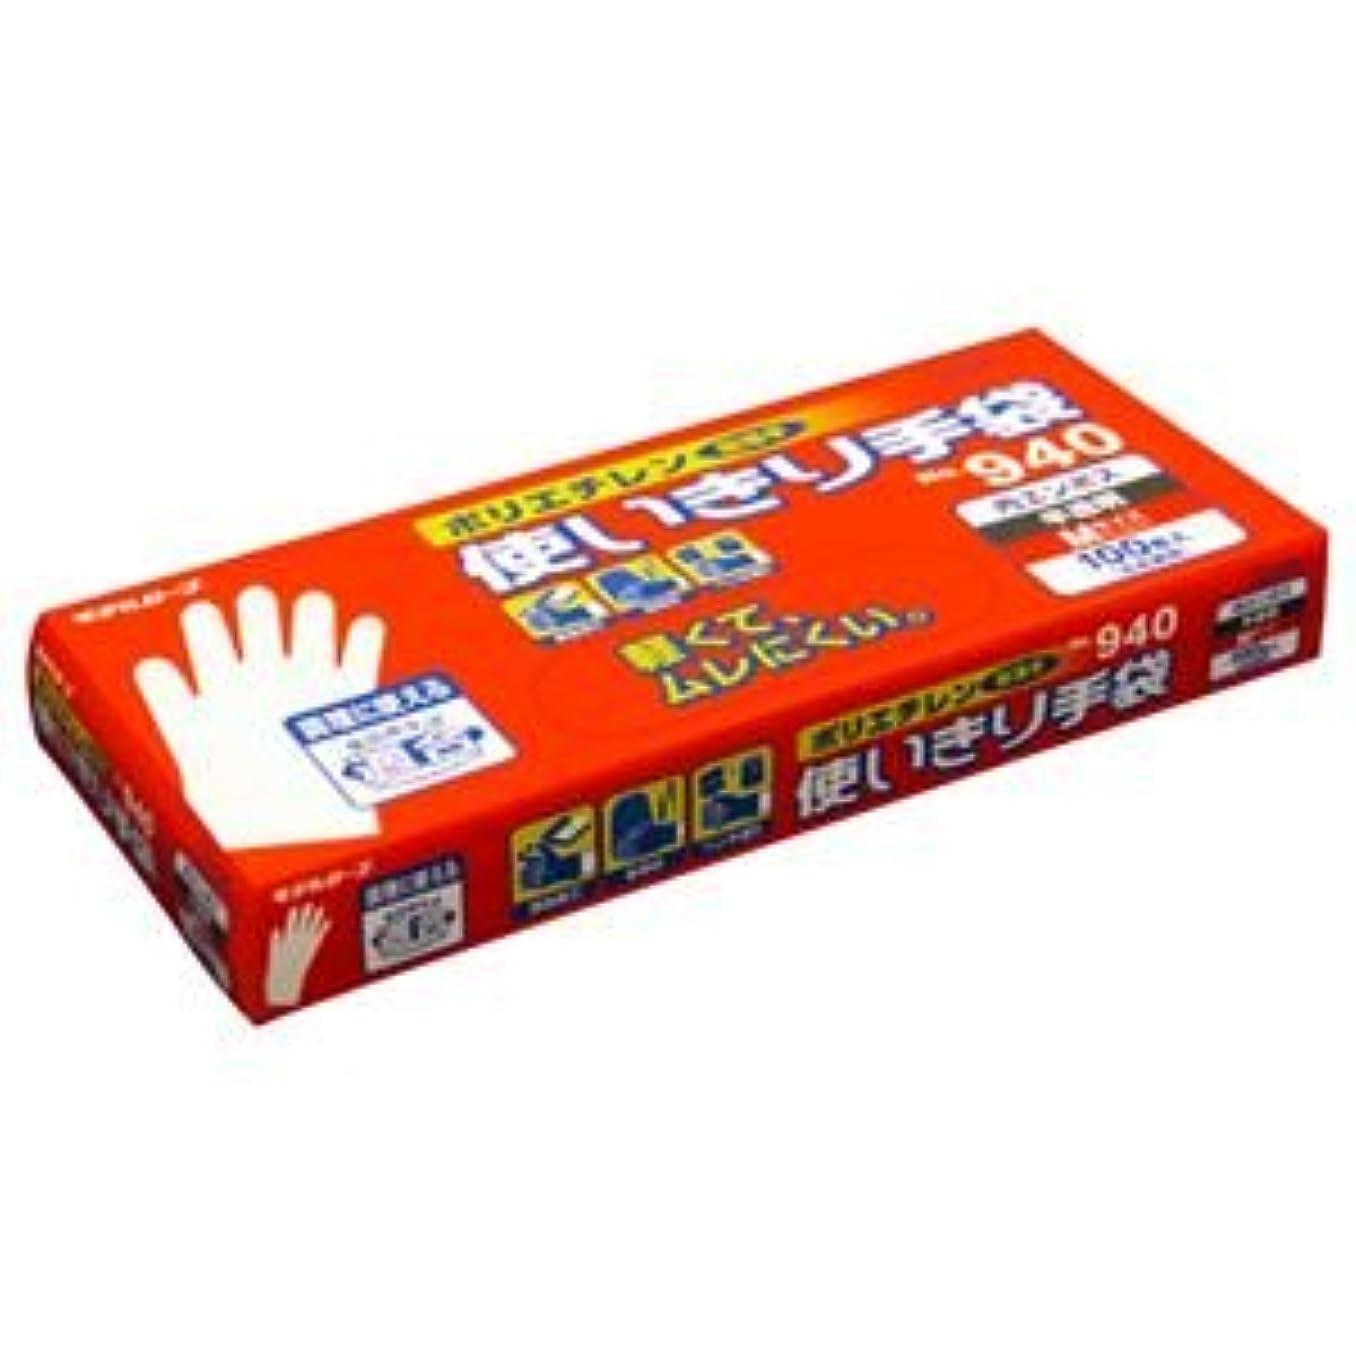 困惑コンサルタントより(まとめ) エステー No.940 ポリエチレン使いきり手袋(内エンボス) M 1箱(100枚) 【